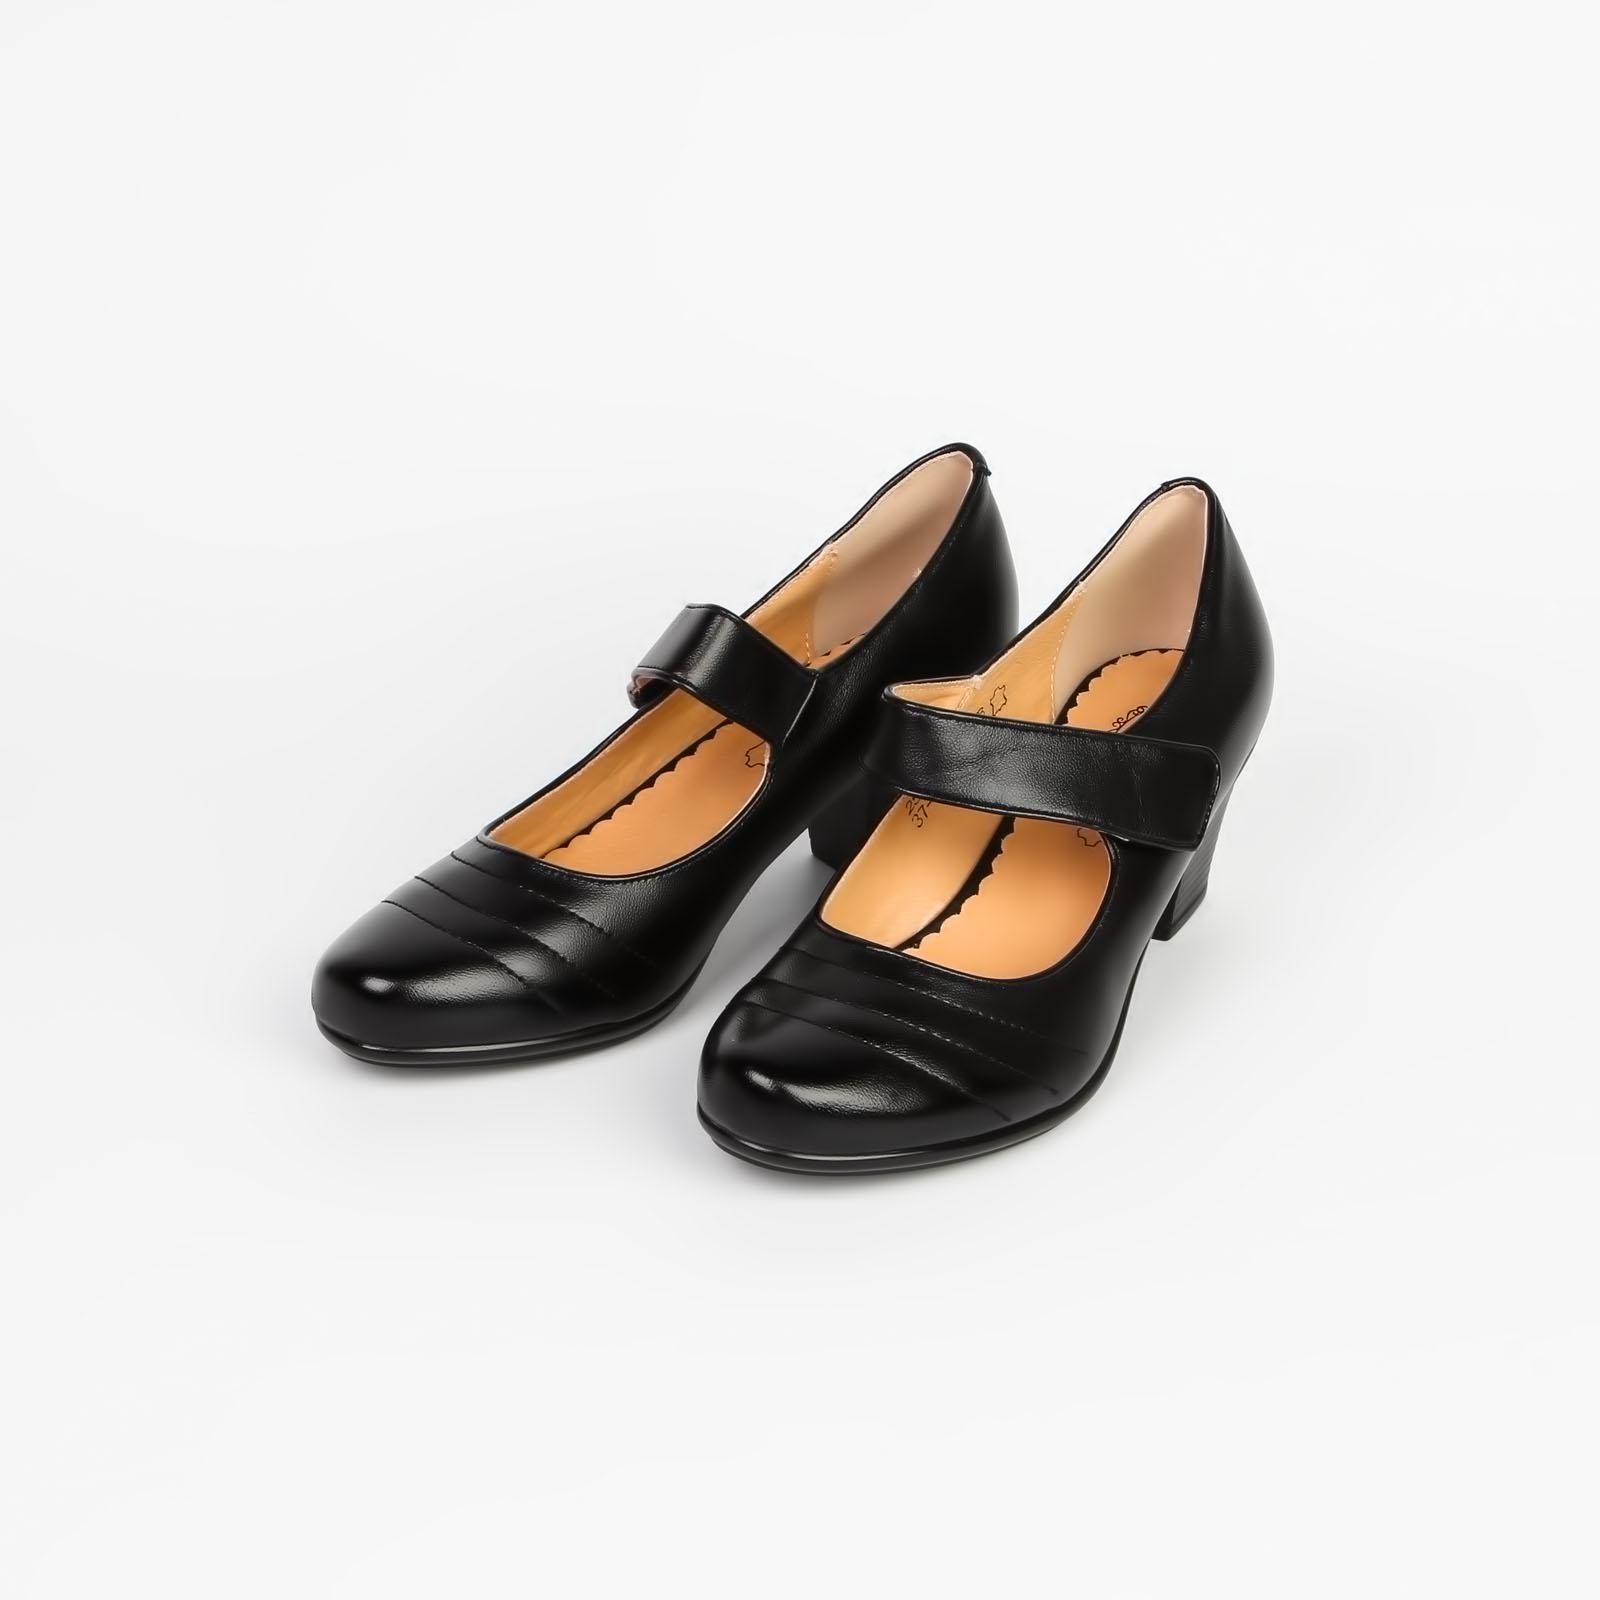 Туфли женские с элегантной застежкой на устойчивом каблуке